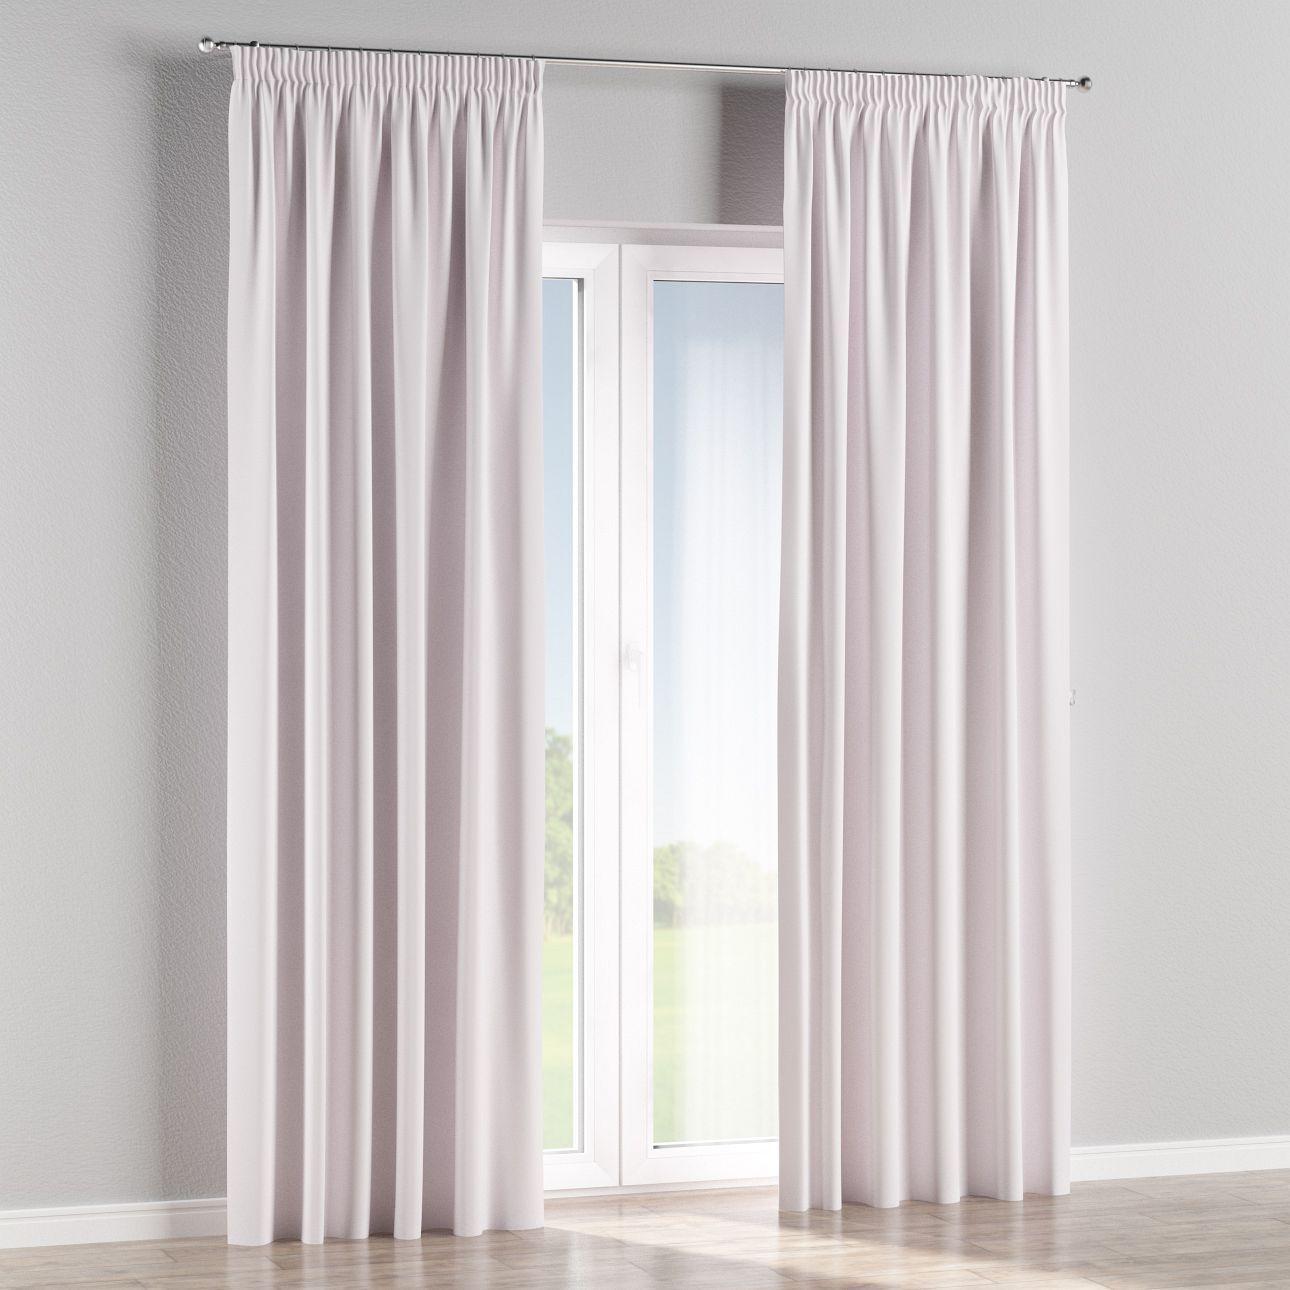 kurze vorhänge für fenster | wohnzimmer gardinen für kleine ...